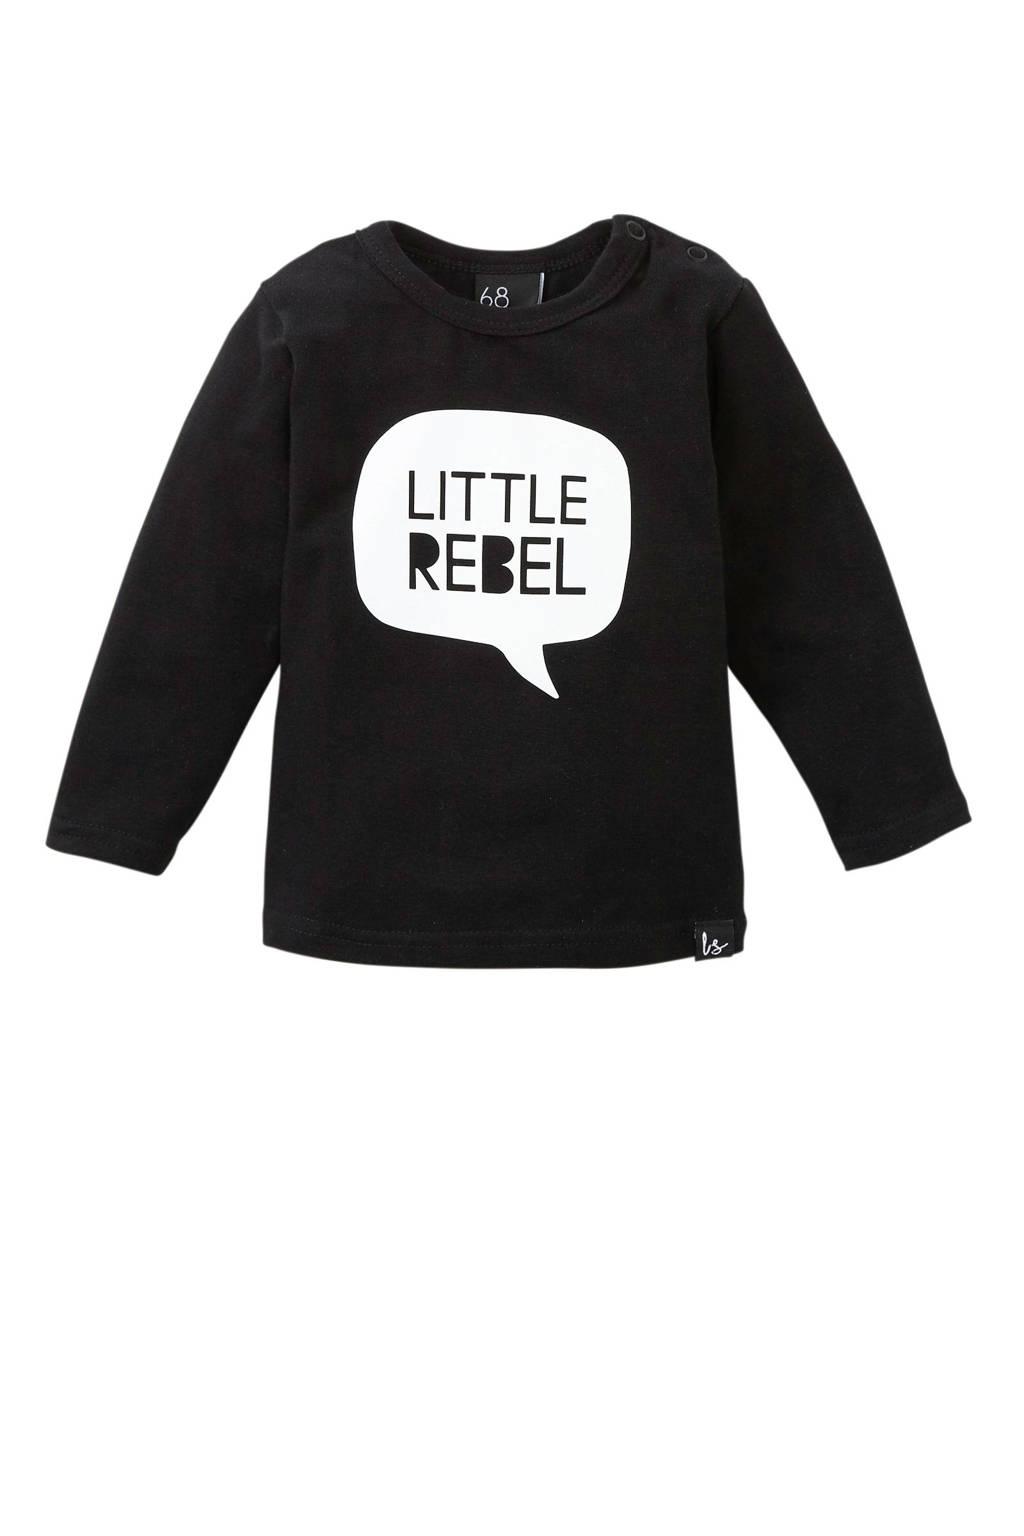 Babystyling longsleeve Little rebel zwart, Zwart